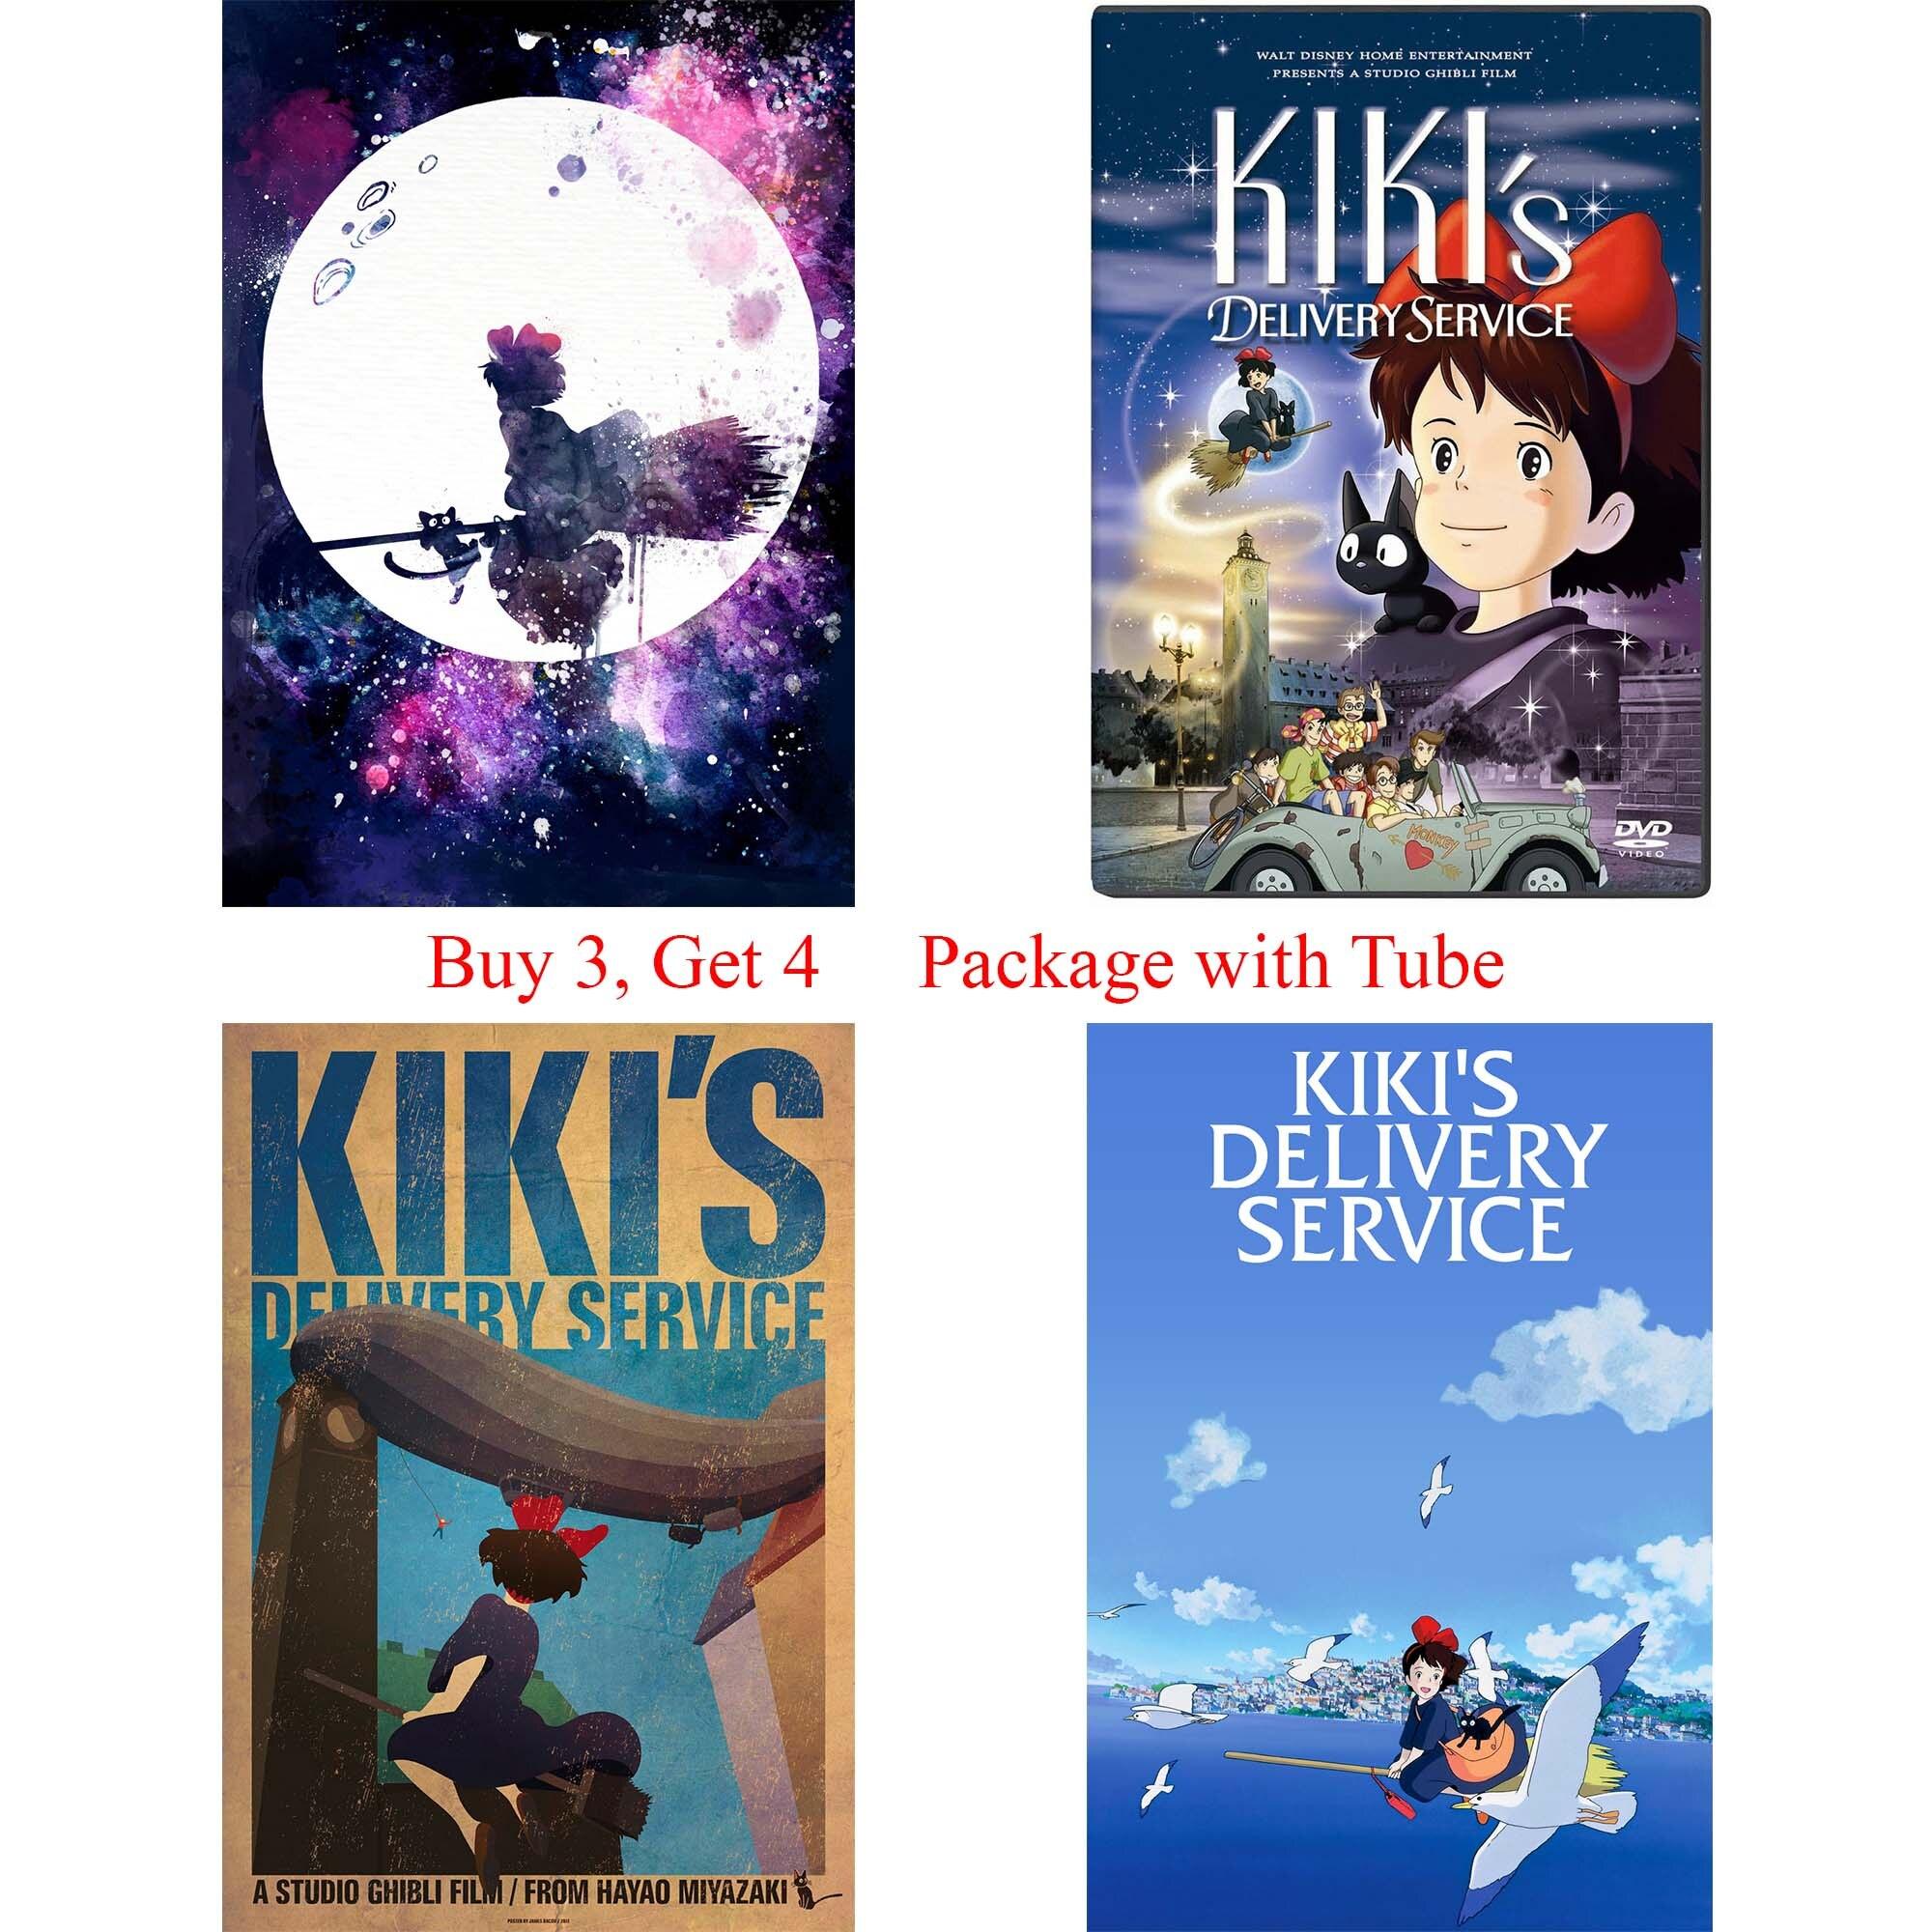 KIKIS usługi dostawy plakaty Cartoon naklejki ścienne dziewczyna w pokoju papier dekoracyjny drukuje domu sztuki